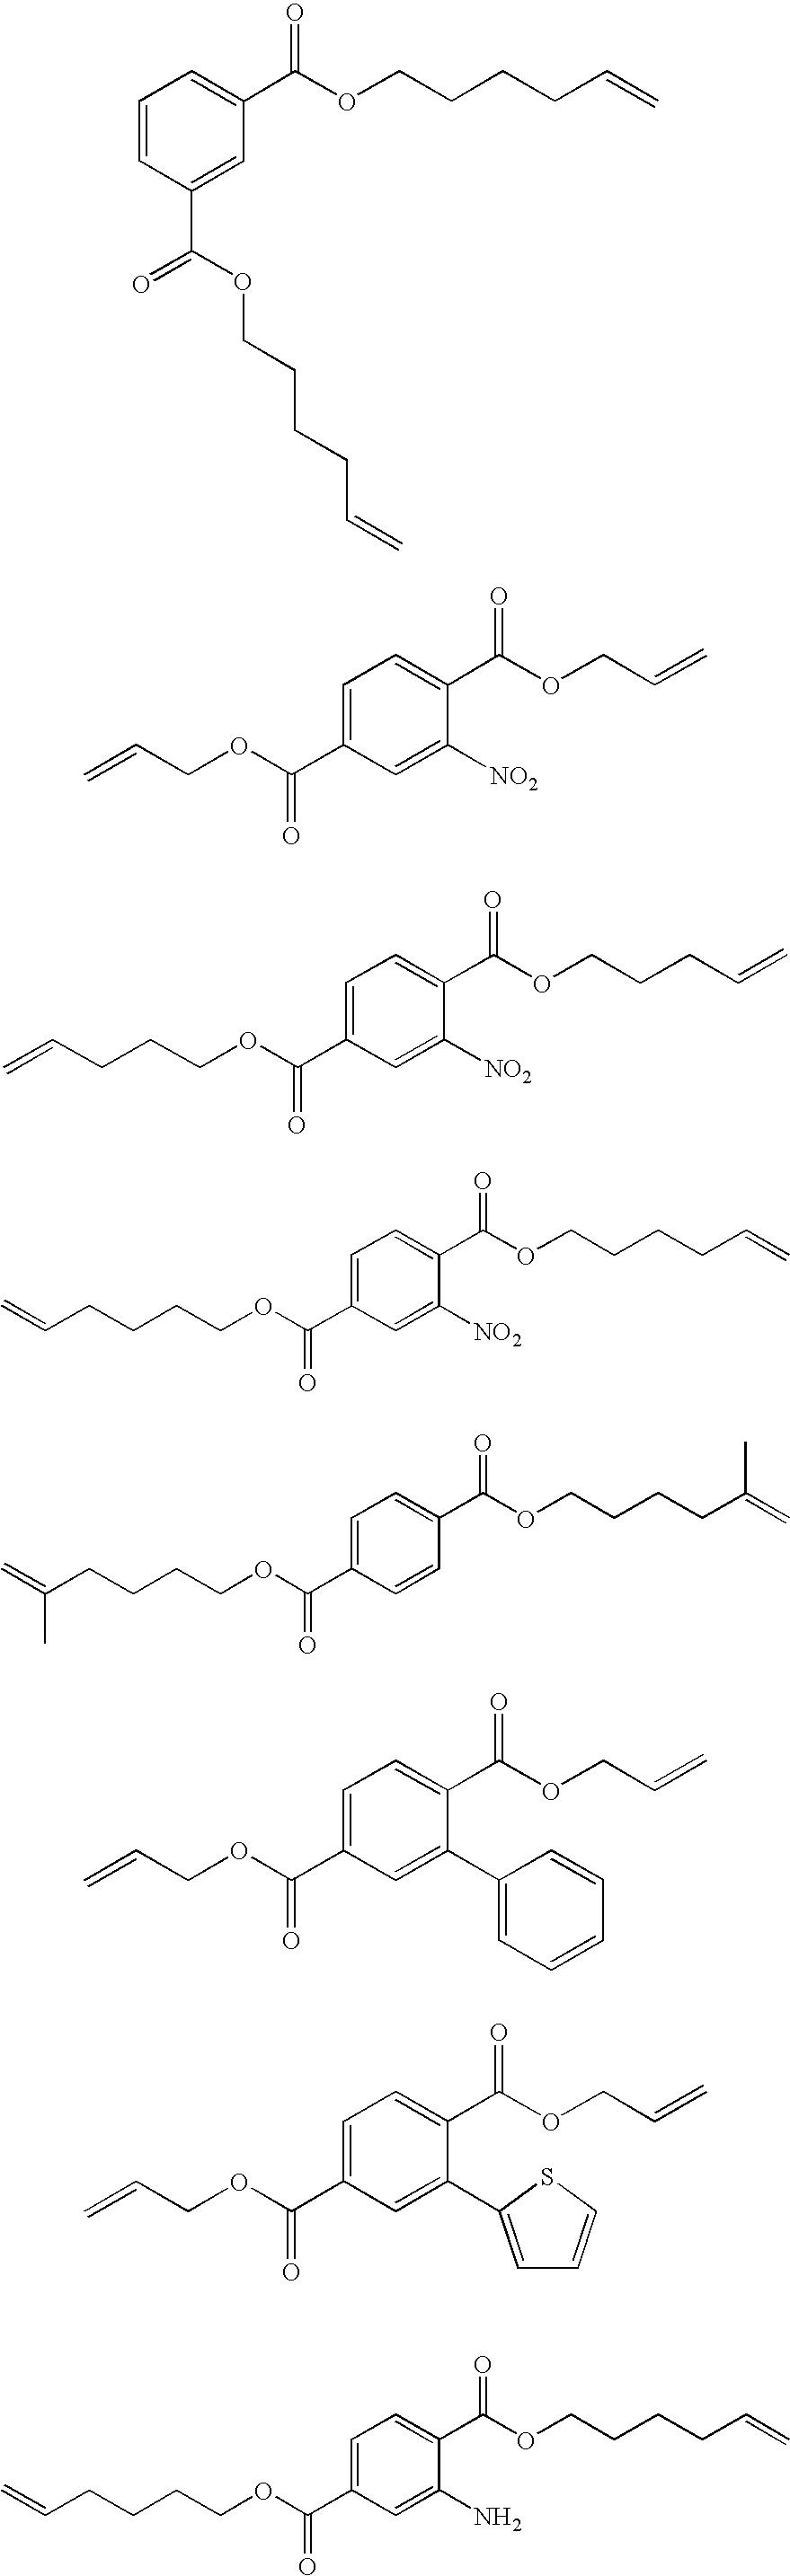 Figure US08089682-20120103-C00003